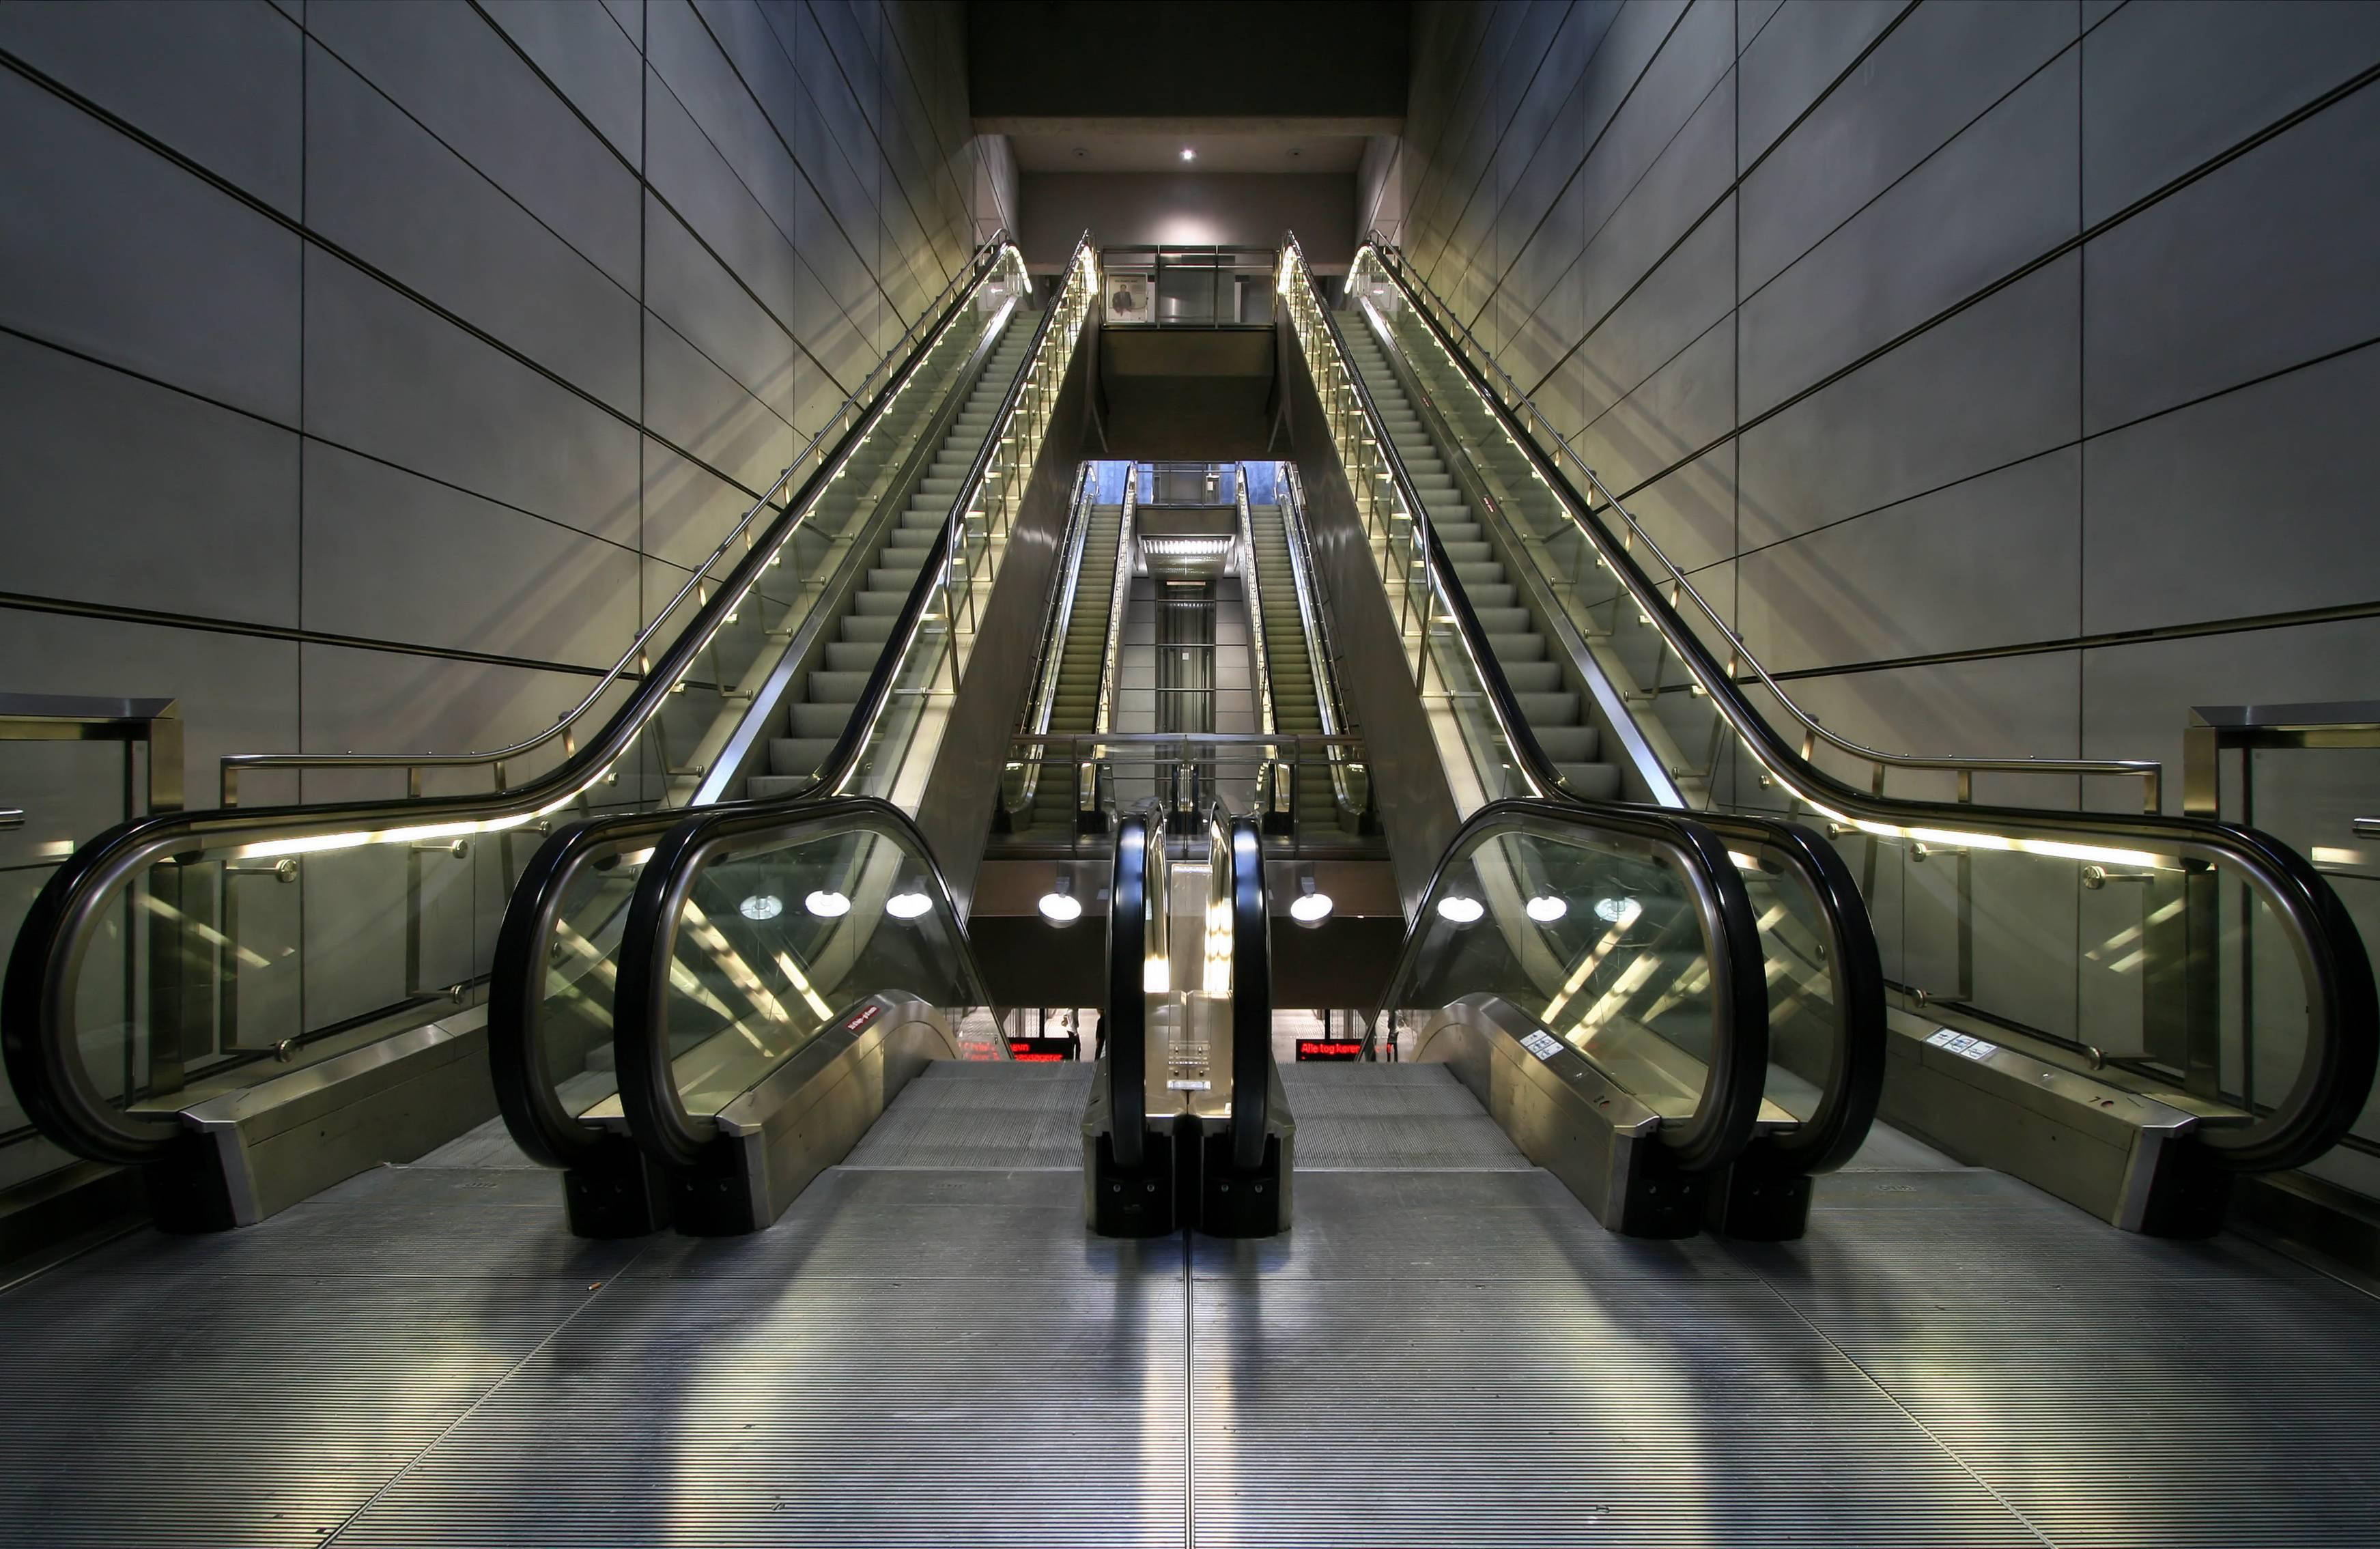 В нынешнем 2017г. в столицеРФ закроют 2 станции метро